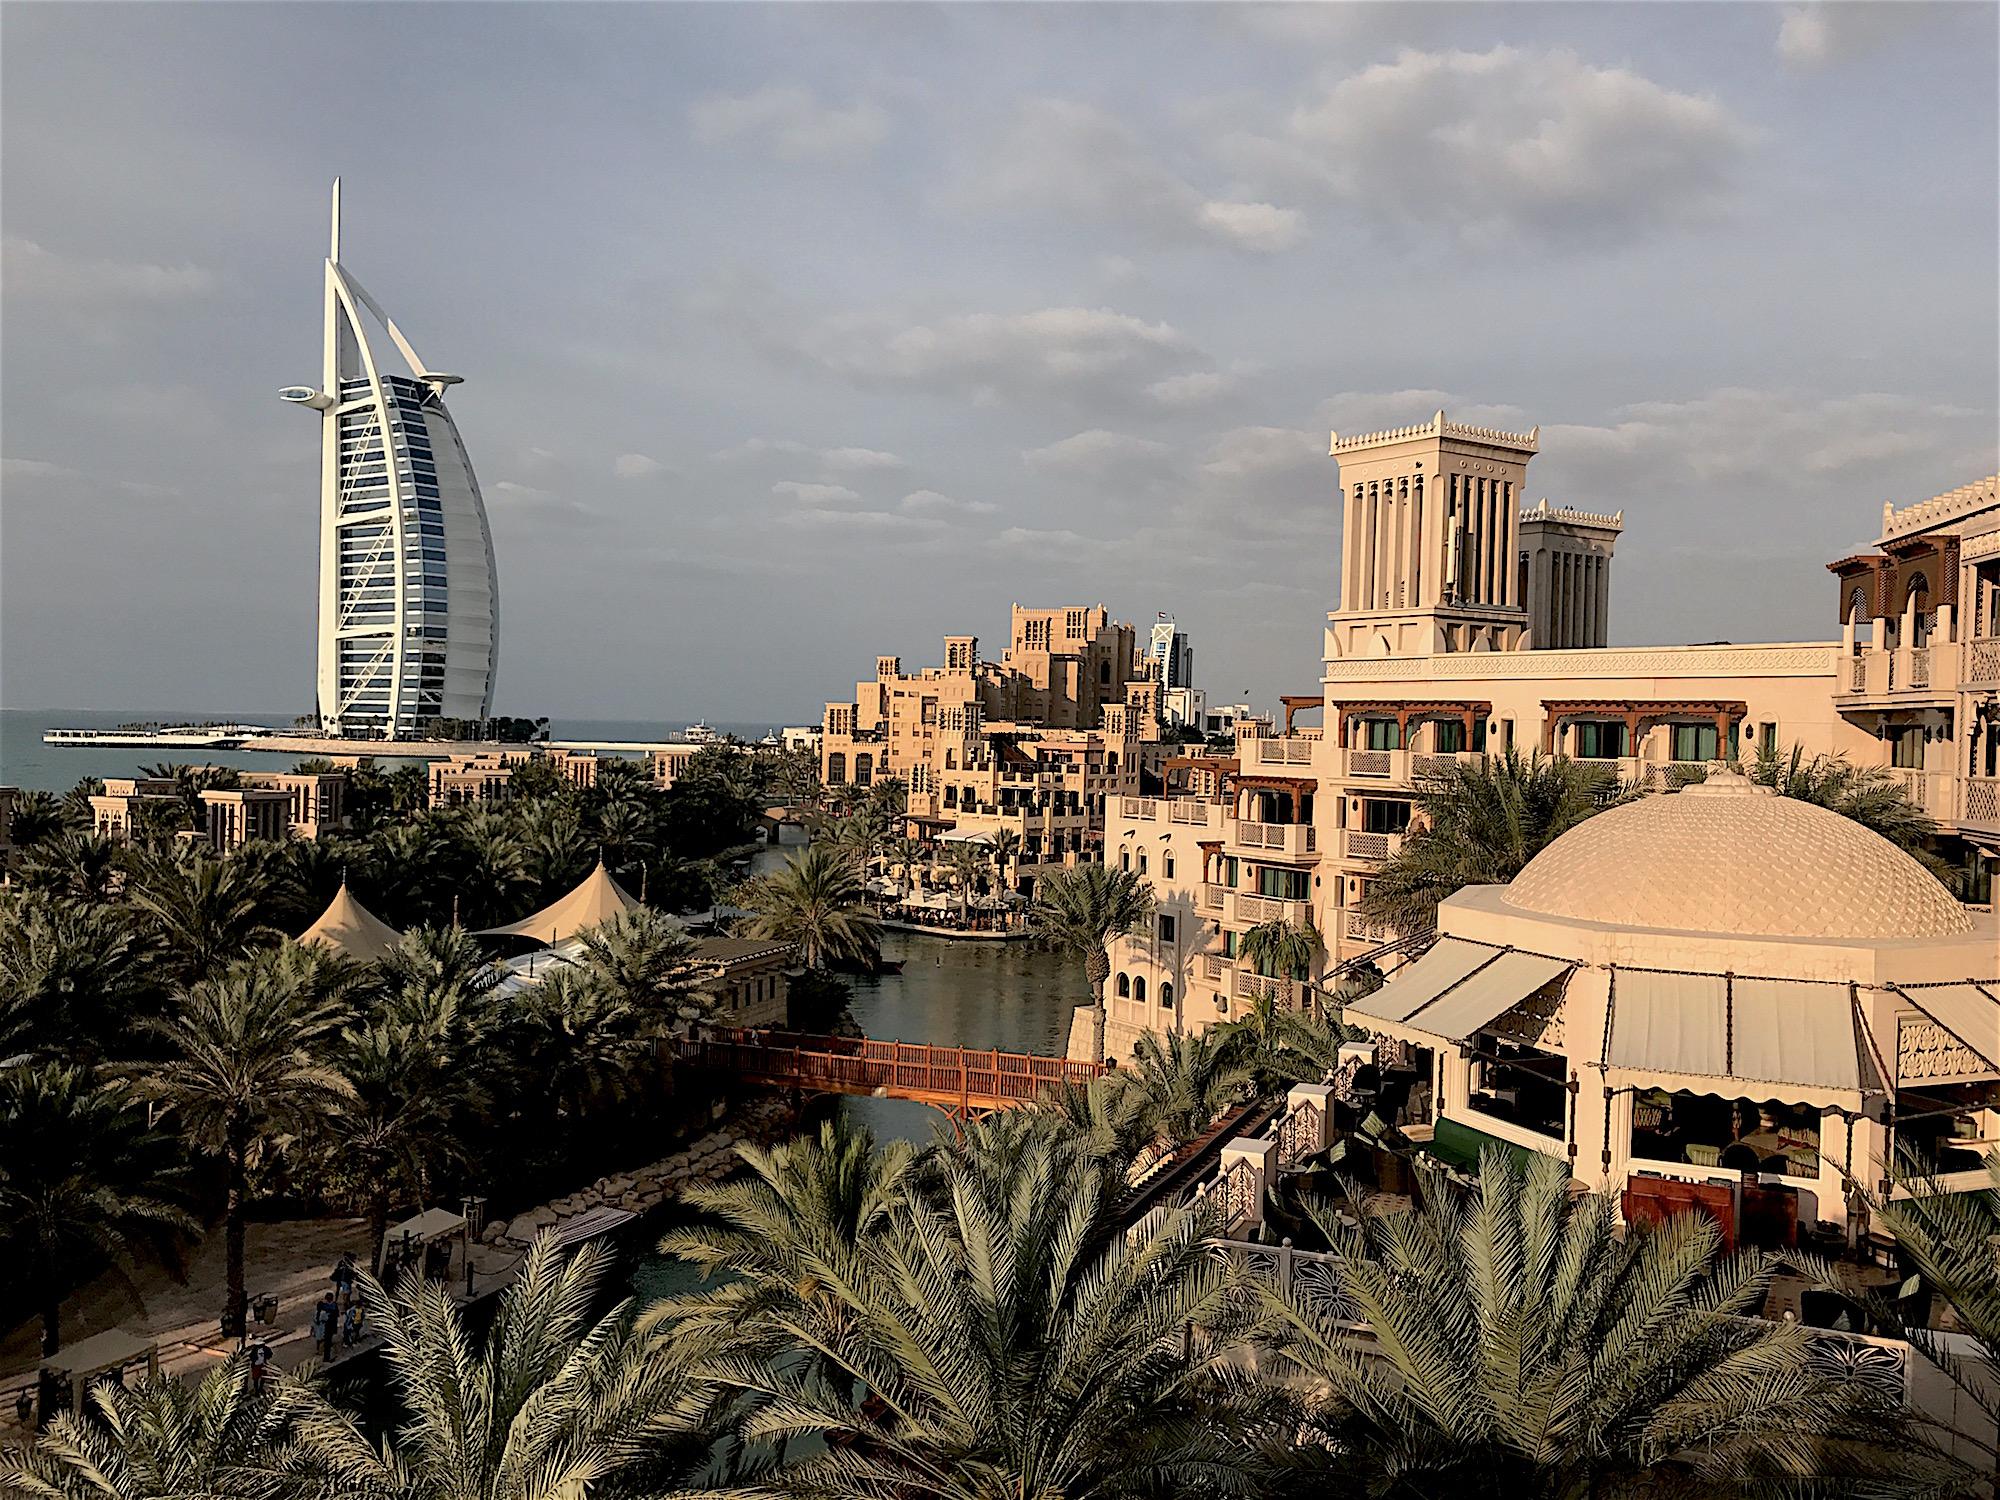 Looking at the Burj Al Arab from Hotel Al Qasr